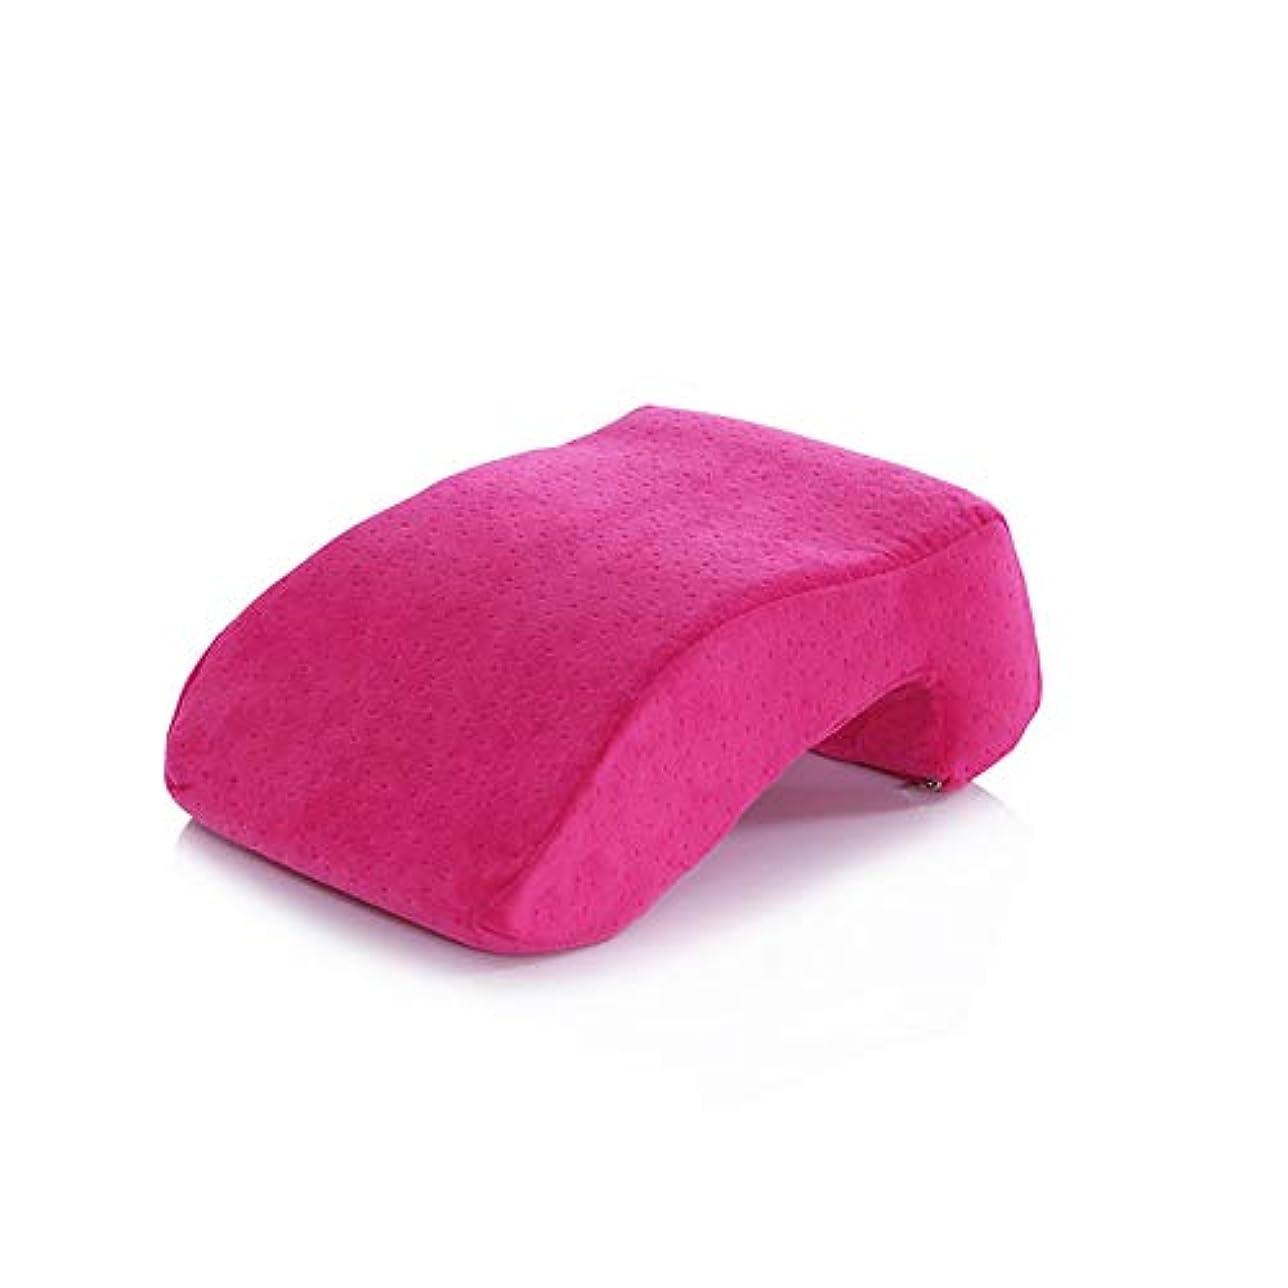 推測リアルパステル取り外し可能なキルティングカバーが付いているサポート枕オフィスの休息の枕学生の昼休みの枕